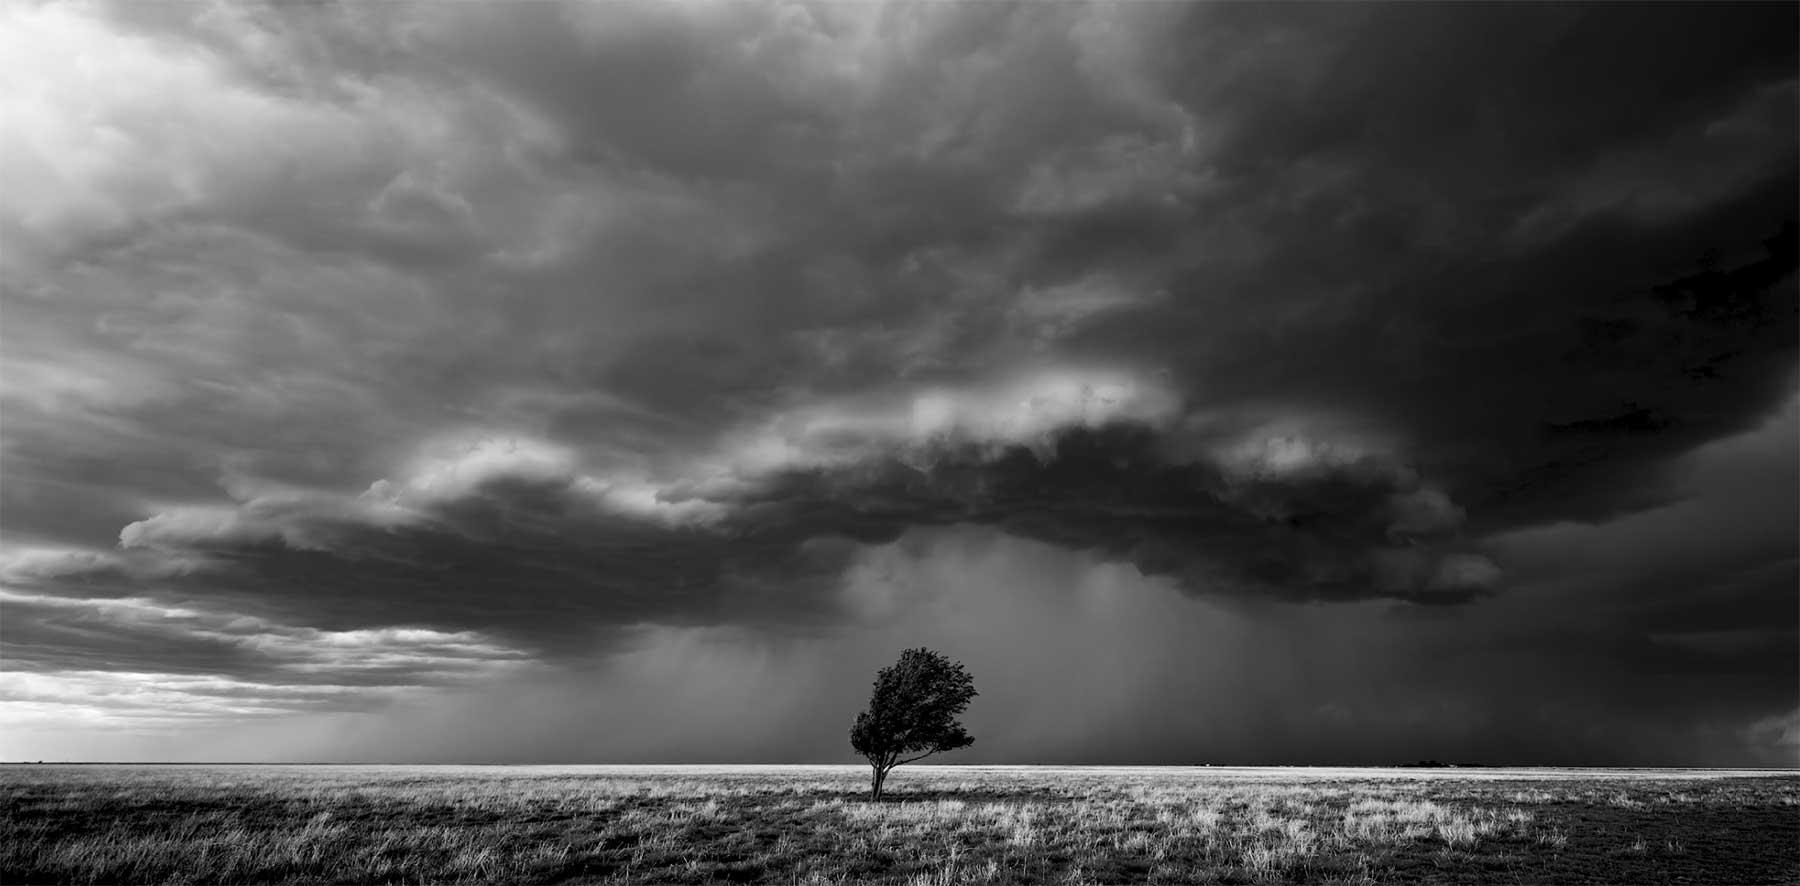 8K-Sturmtimelapse: Breathe